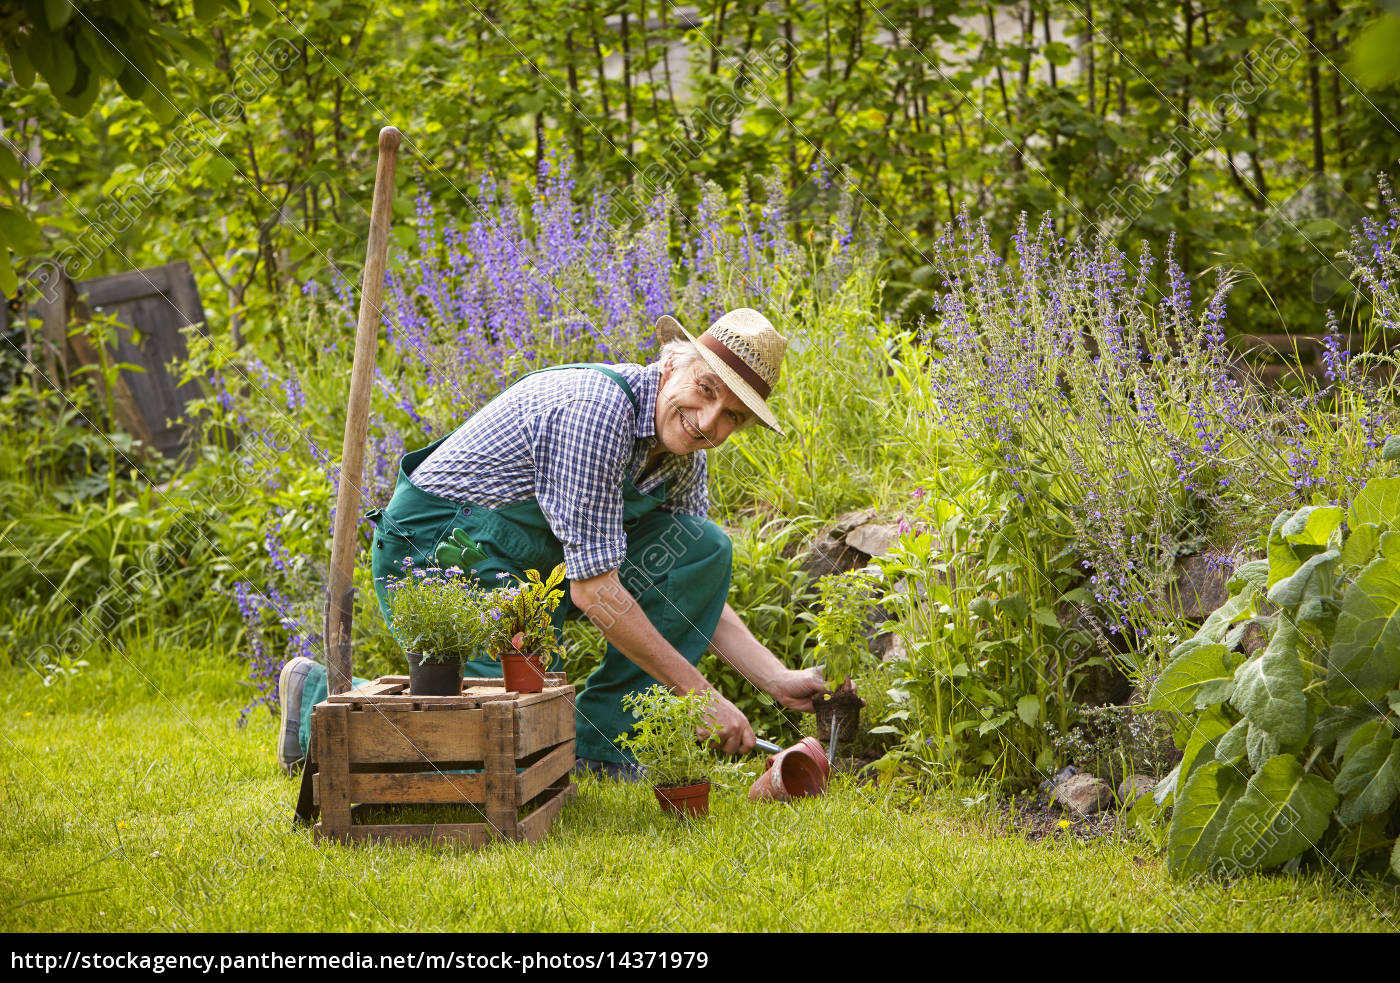 Entzuckend Lizenzfreies Bild 14371979   Mann Garten Pflanzen